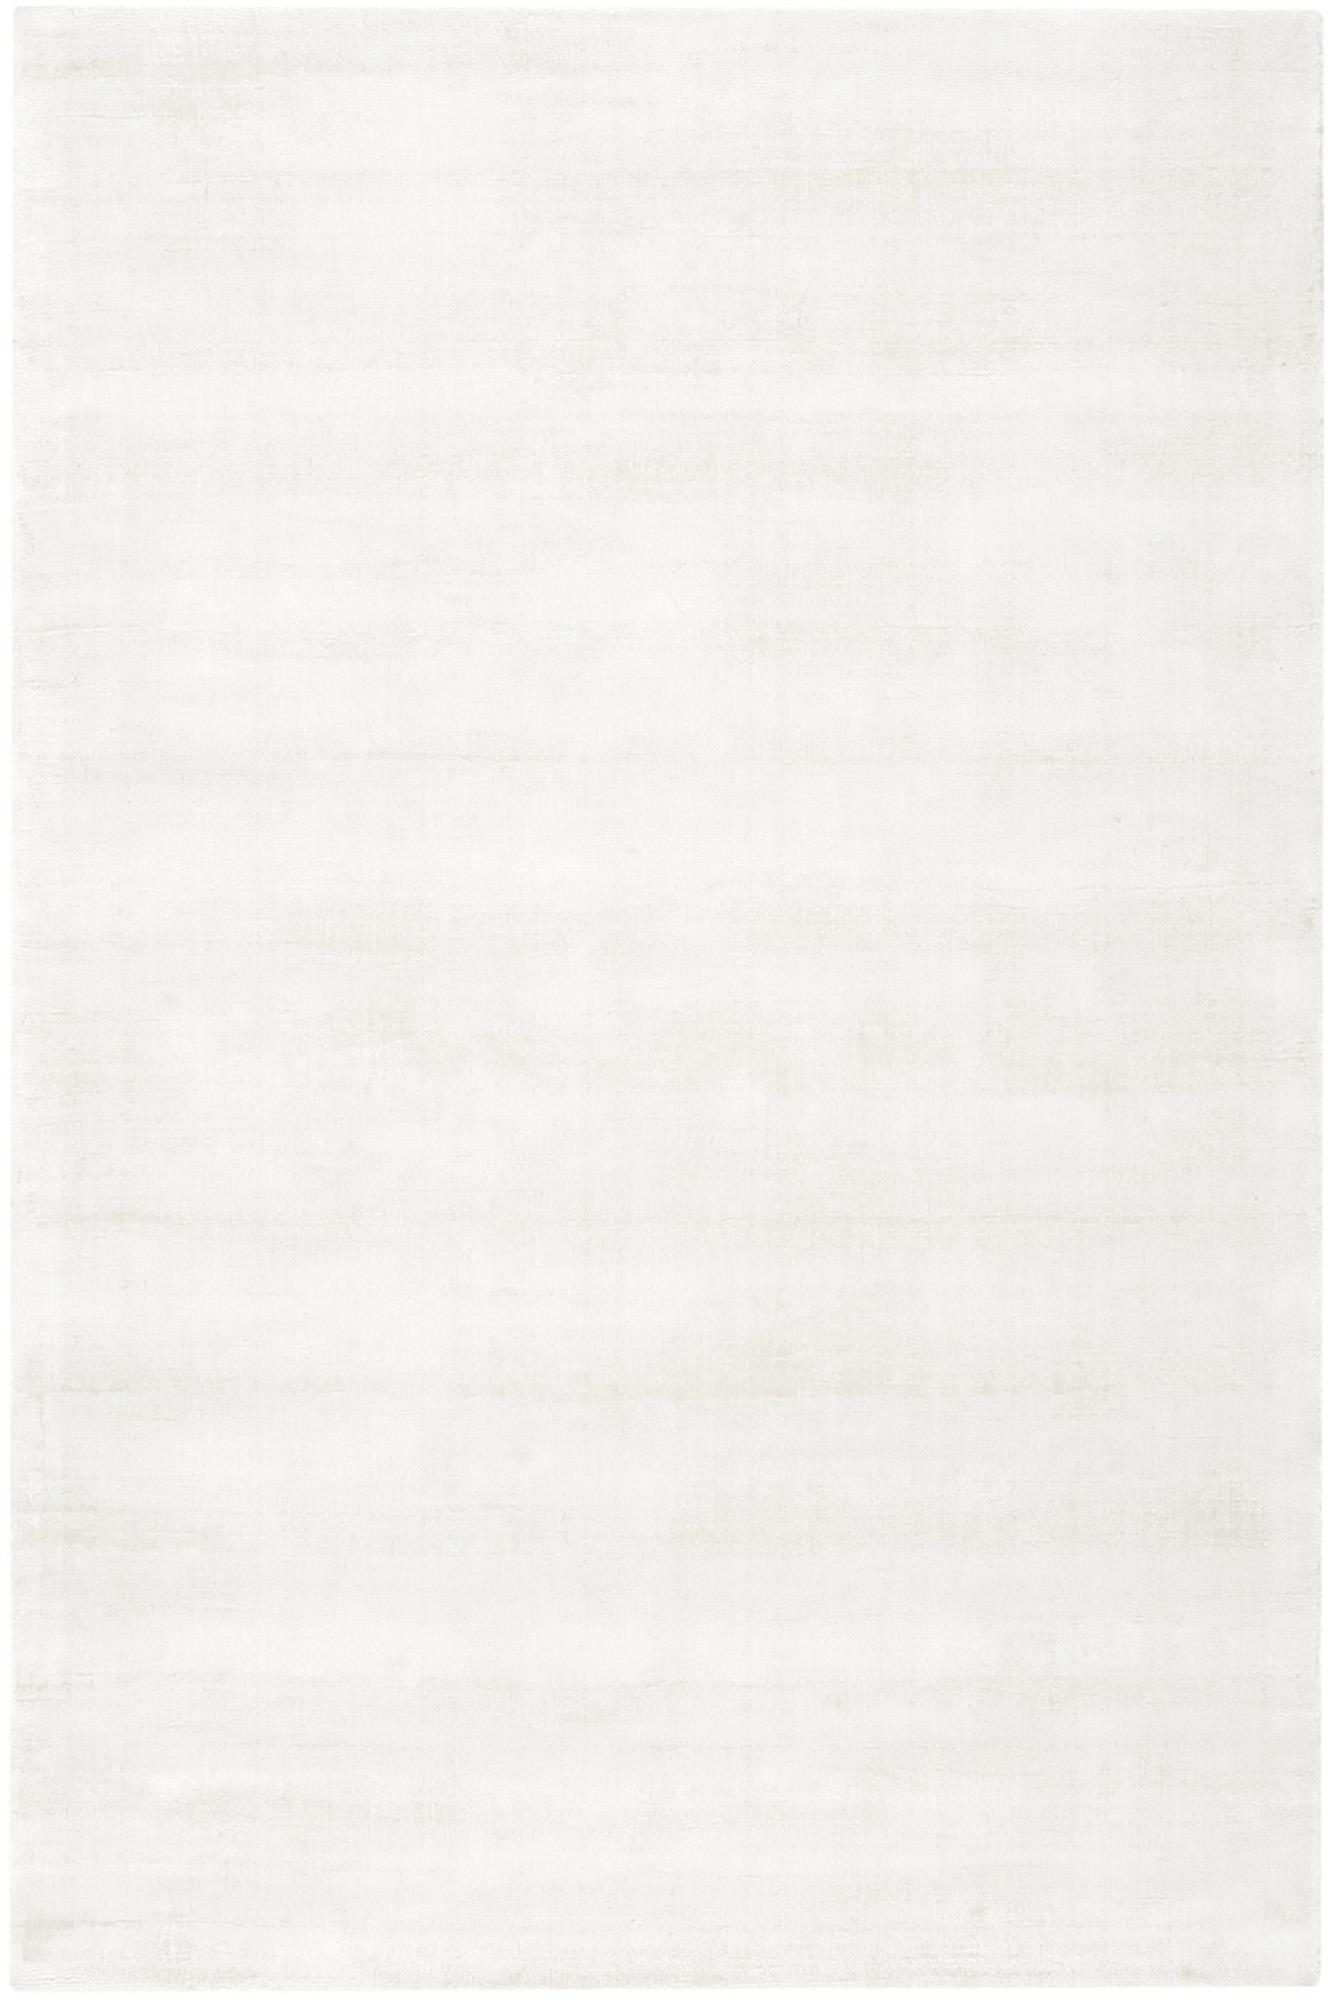 Handgewebter Viskoseteppich Jane in Elfenbeinfarben, Flor: 100% Viskose, Elfenbeinfarben, B 160 x L 230 cm (Größe M)